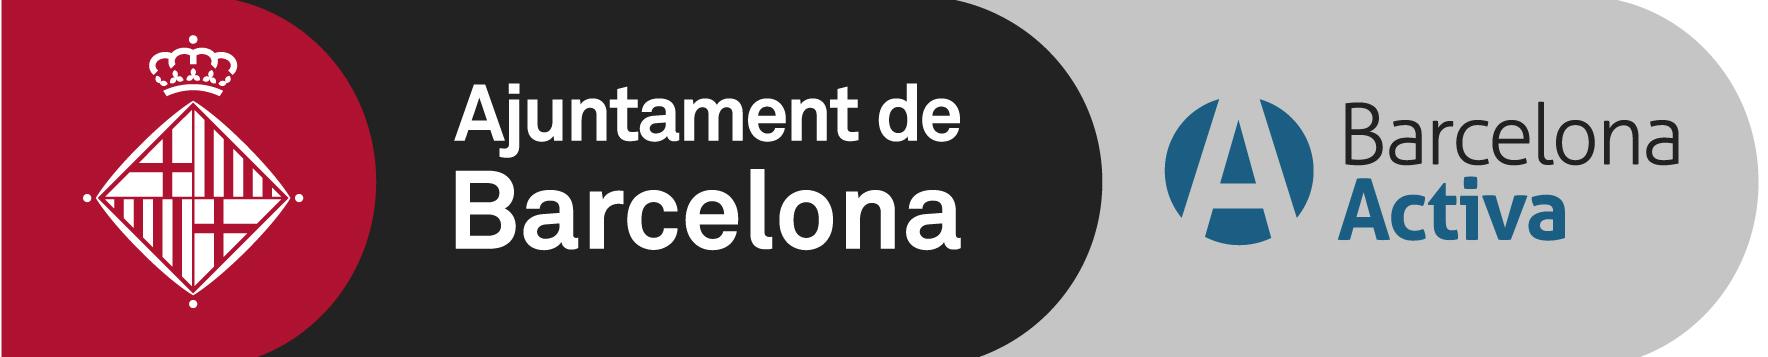 Go to Barcelona Activa